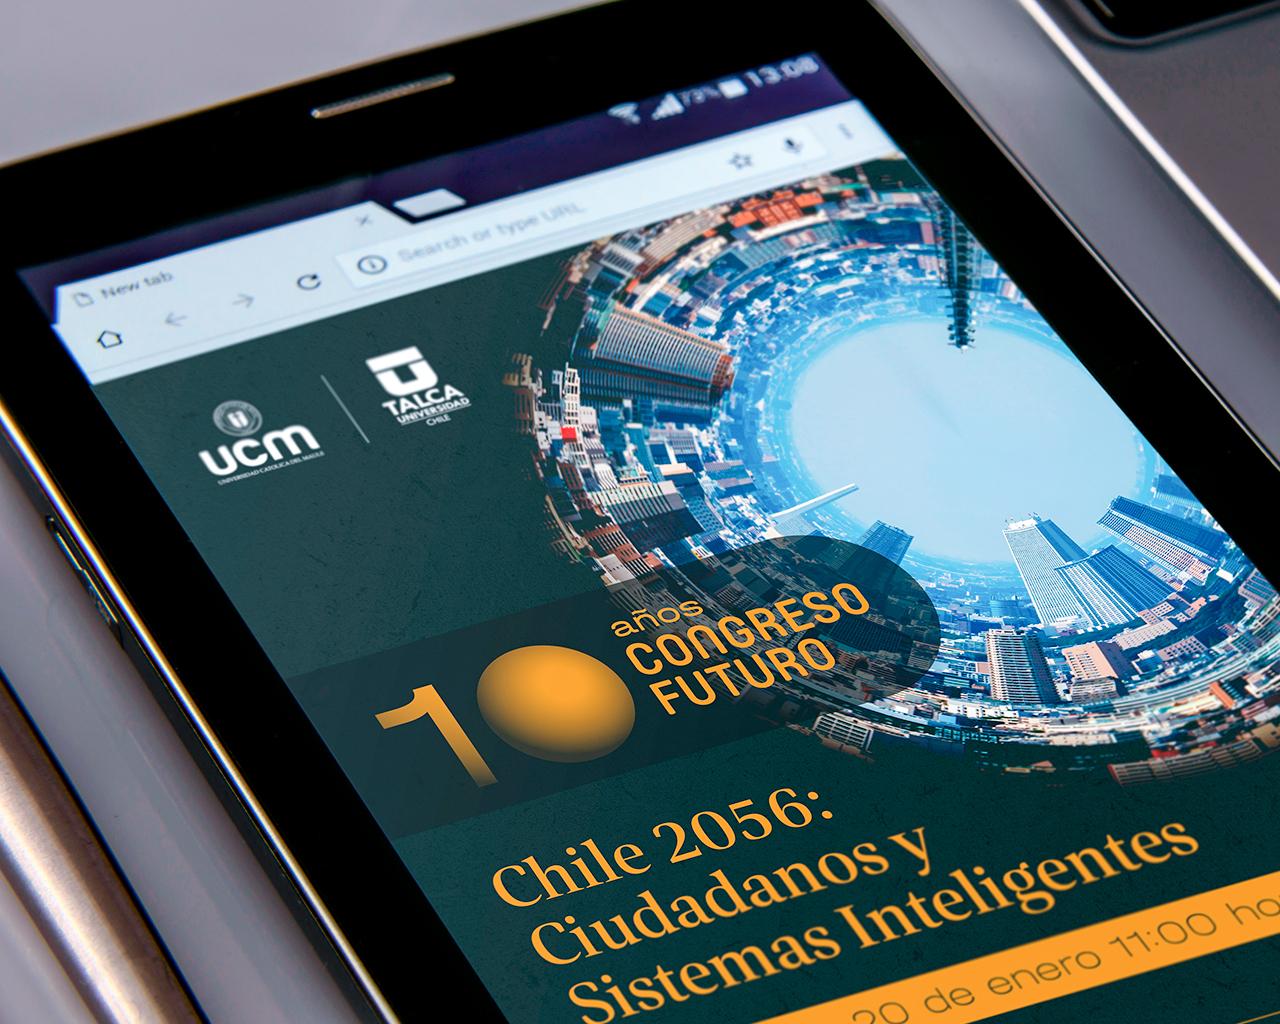 Invitan al Congreso Futuro 2021 en el Maule: Chile 2056, Ciudadanos y Sistemas Inteligentes